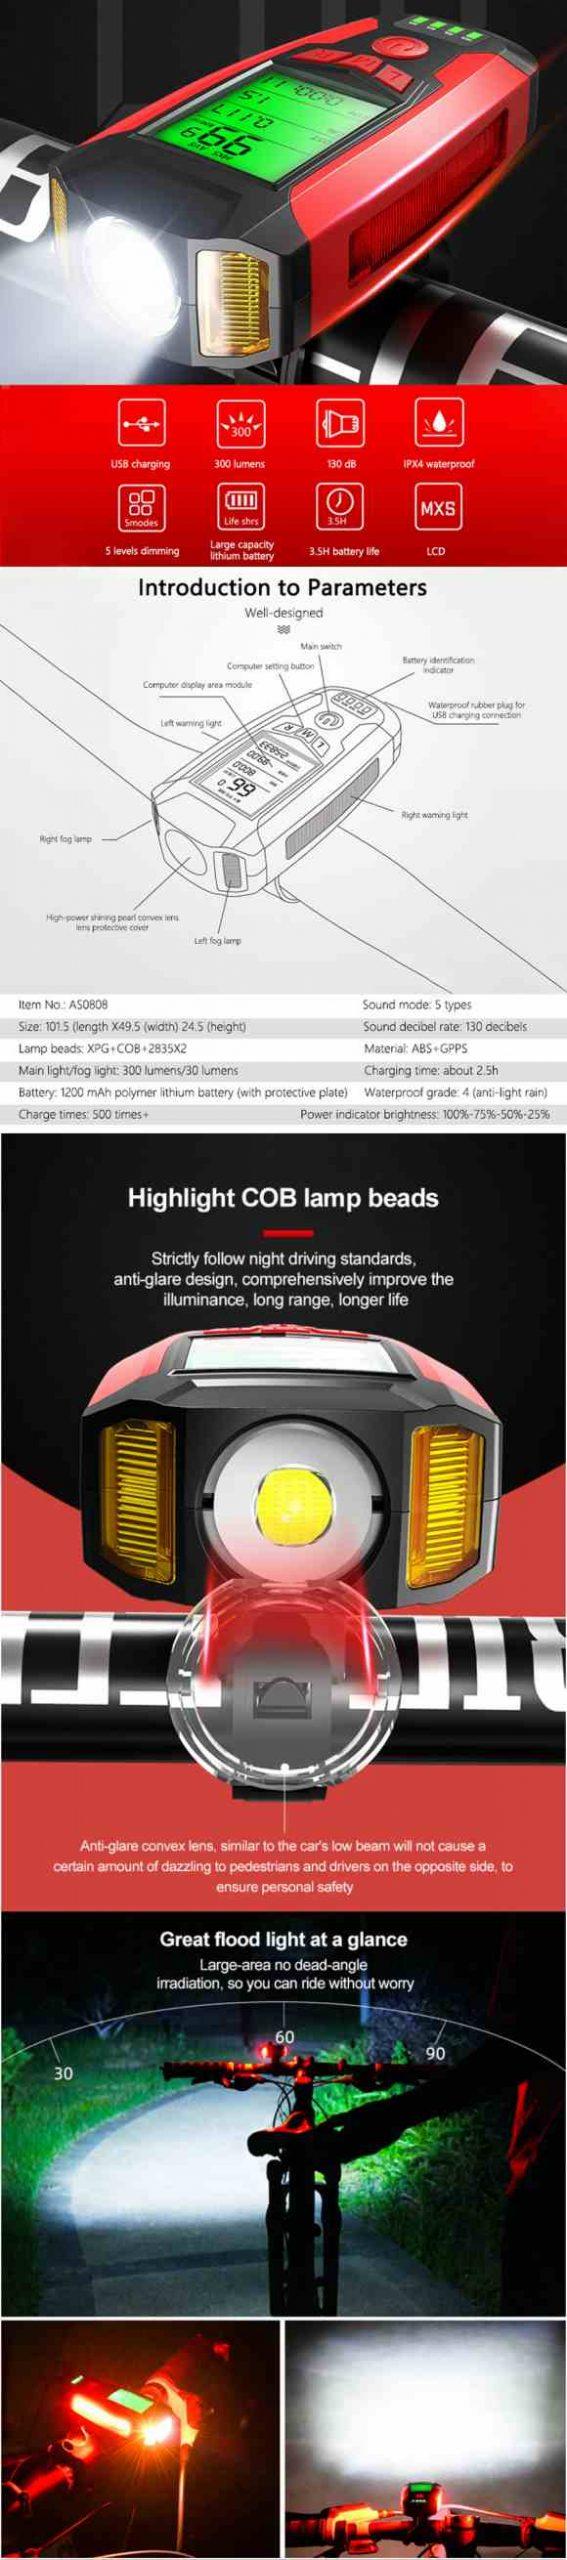 Ισχυρό COB 350LM φως ποδηλάτου, υπολογιστής πολλών λειτουργιών, ταχύμετρο, επαναφορτιζόμενο αδιάβροχο - CB350 BIKIGHT